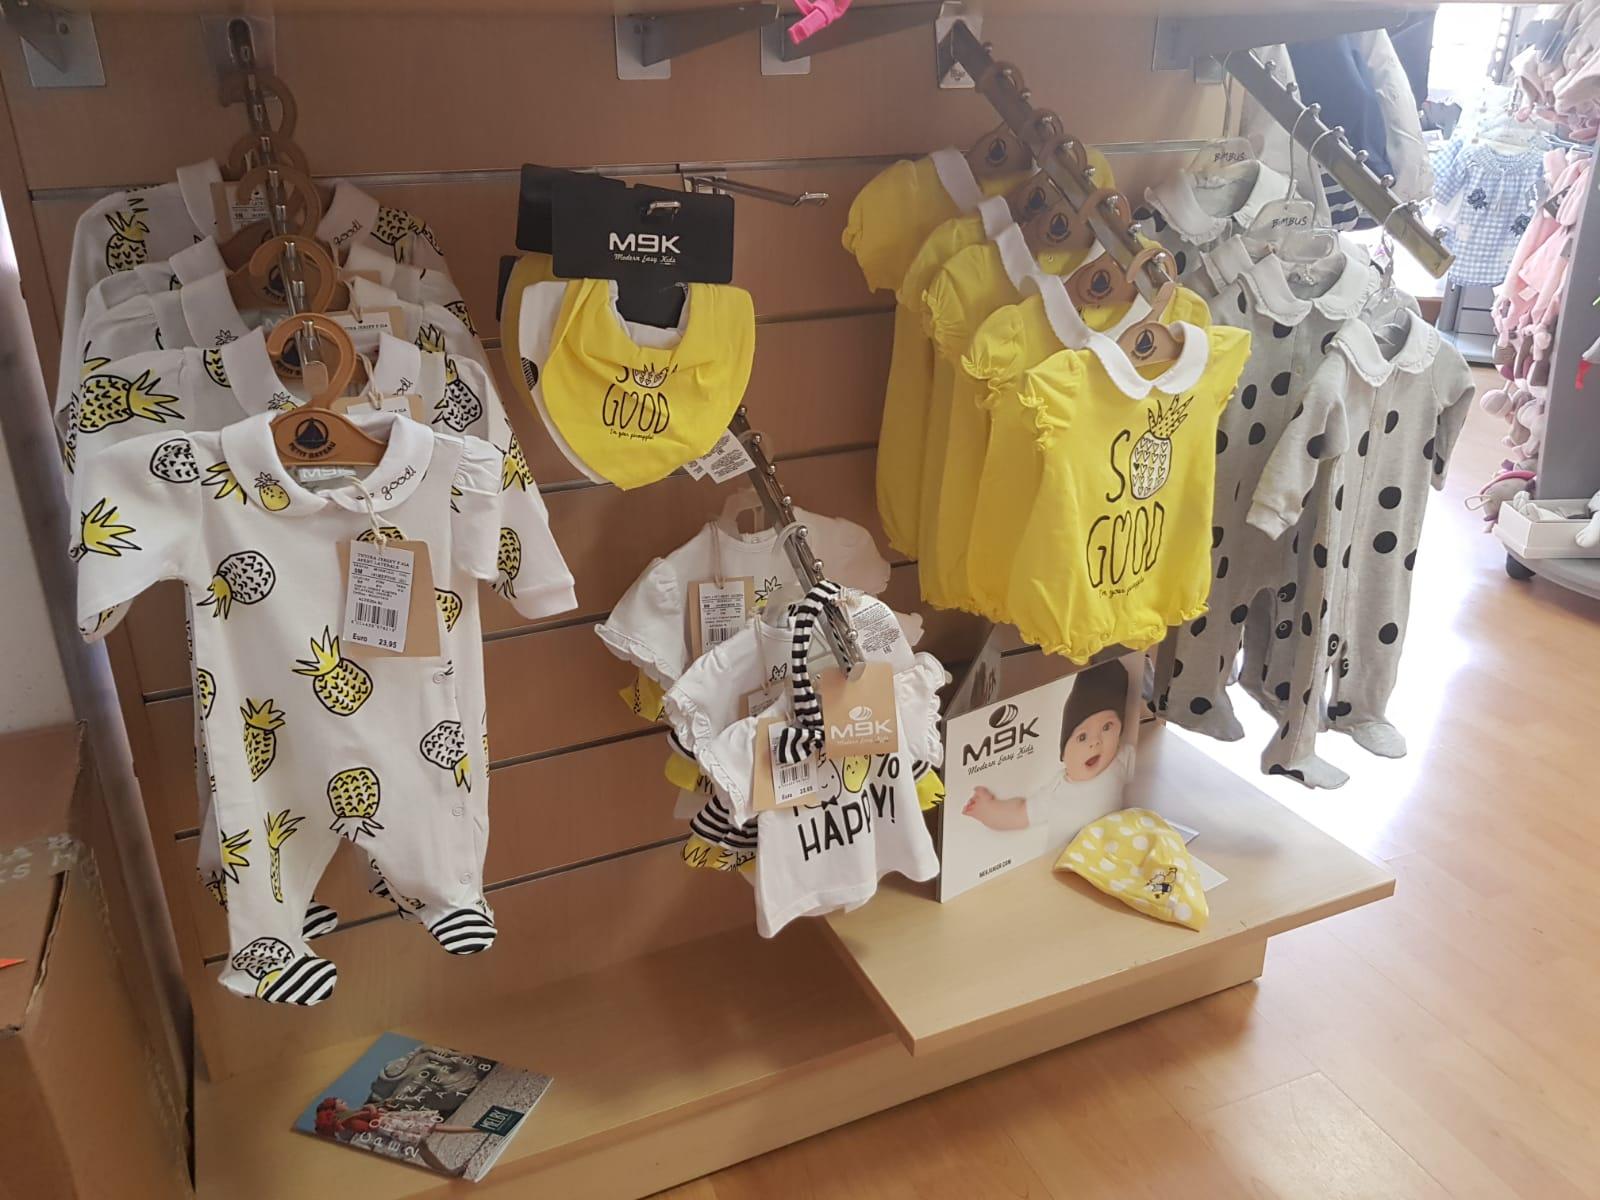 Abbigliamento 0-8 anni Ventimiglia Imperia | vendita Abbigliamento prima infanzia Tutine Camicini Biancheria Ventimiglia Imperia | GRICO SHOP